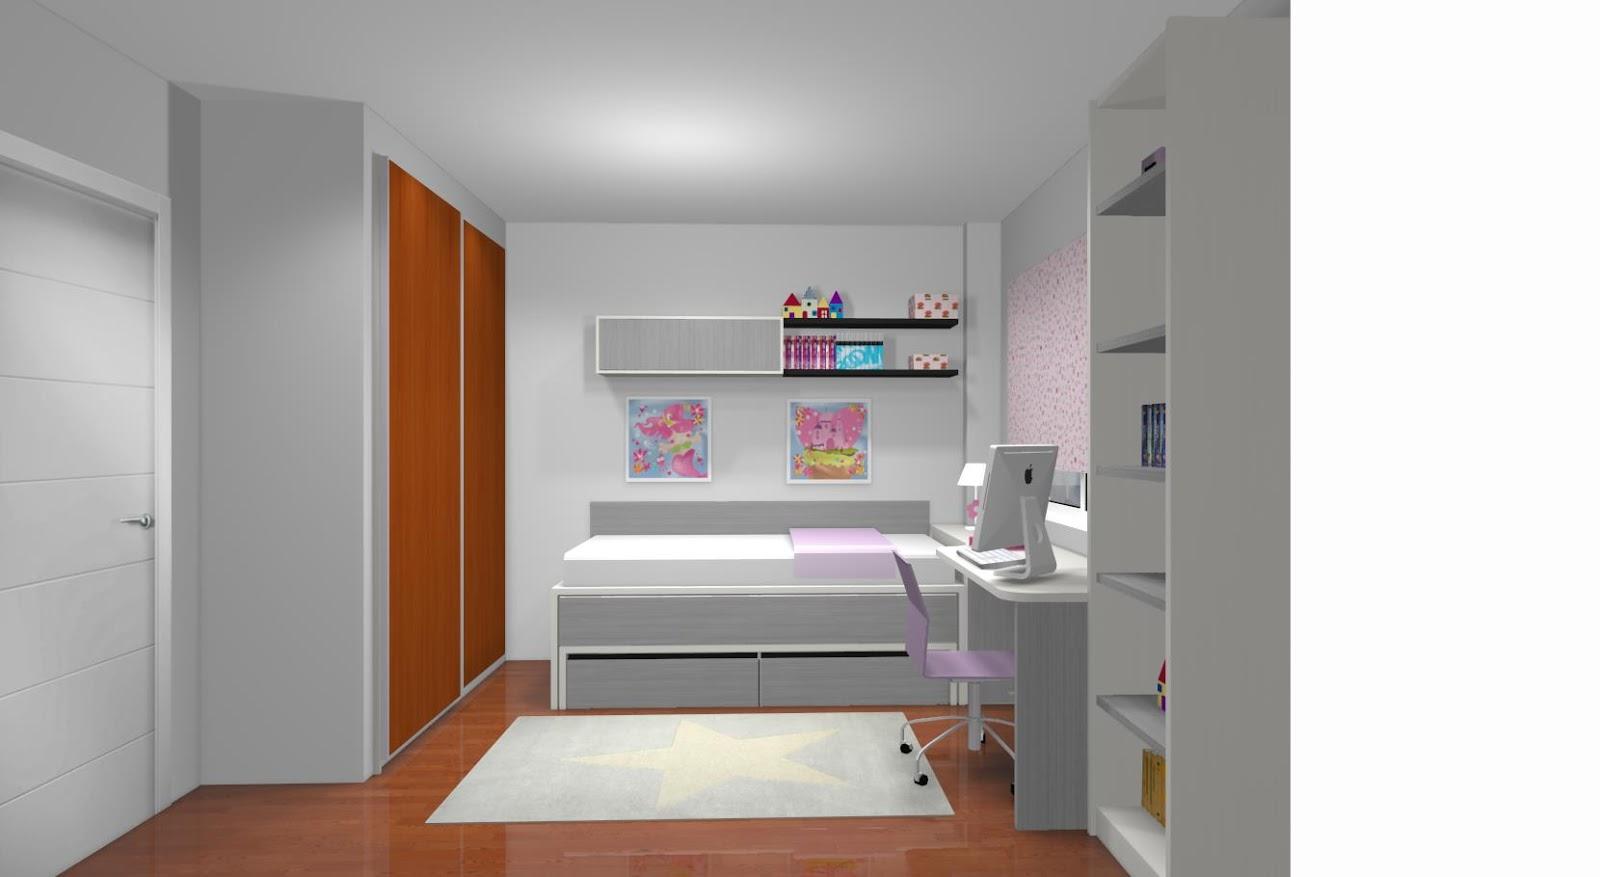 Dormitorios juveniles a medida en madrid - Habitaciones juveniles con dos camas ...